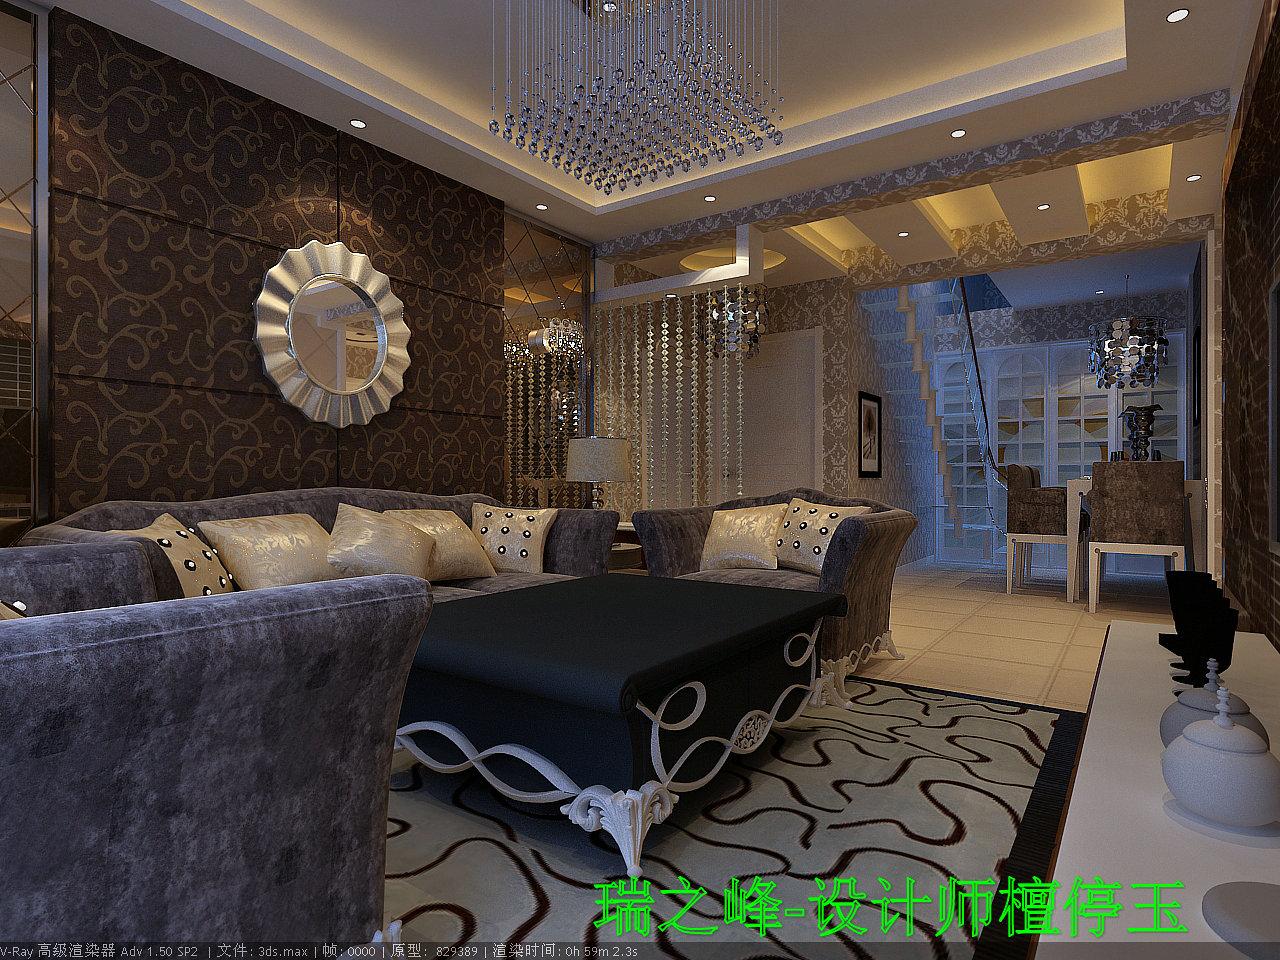 奢华的家具精美华丽,明亮的色彩相互交错,所有豪华的家饰,个性